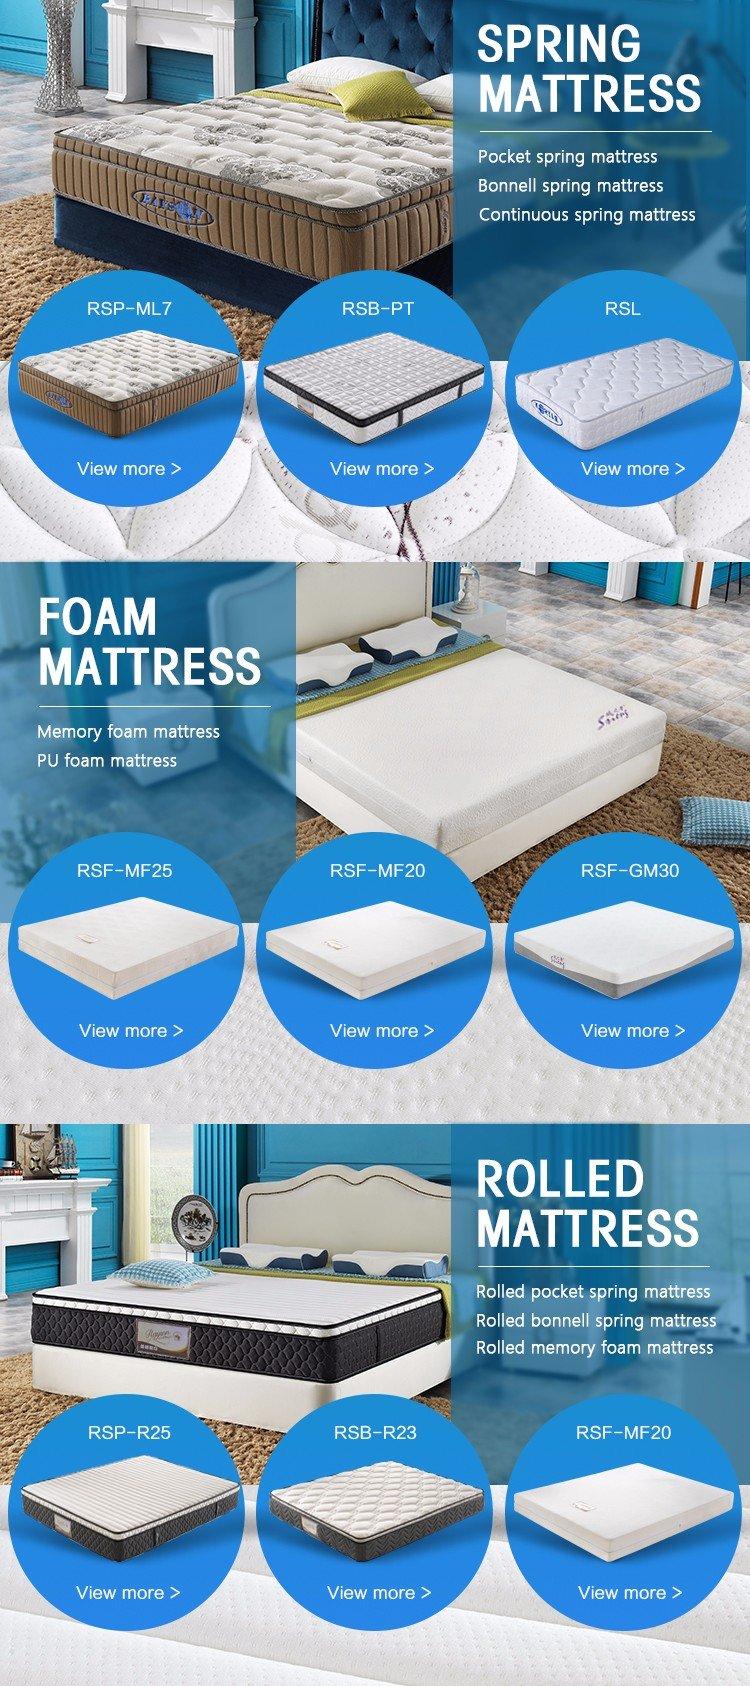 Rayson Mattress New what's a pocket sprung mattress Supply-9